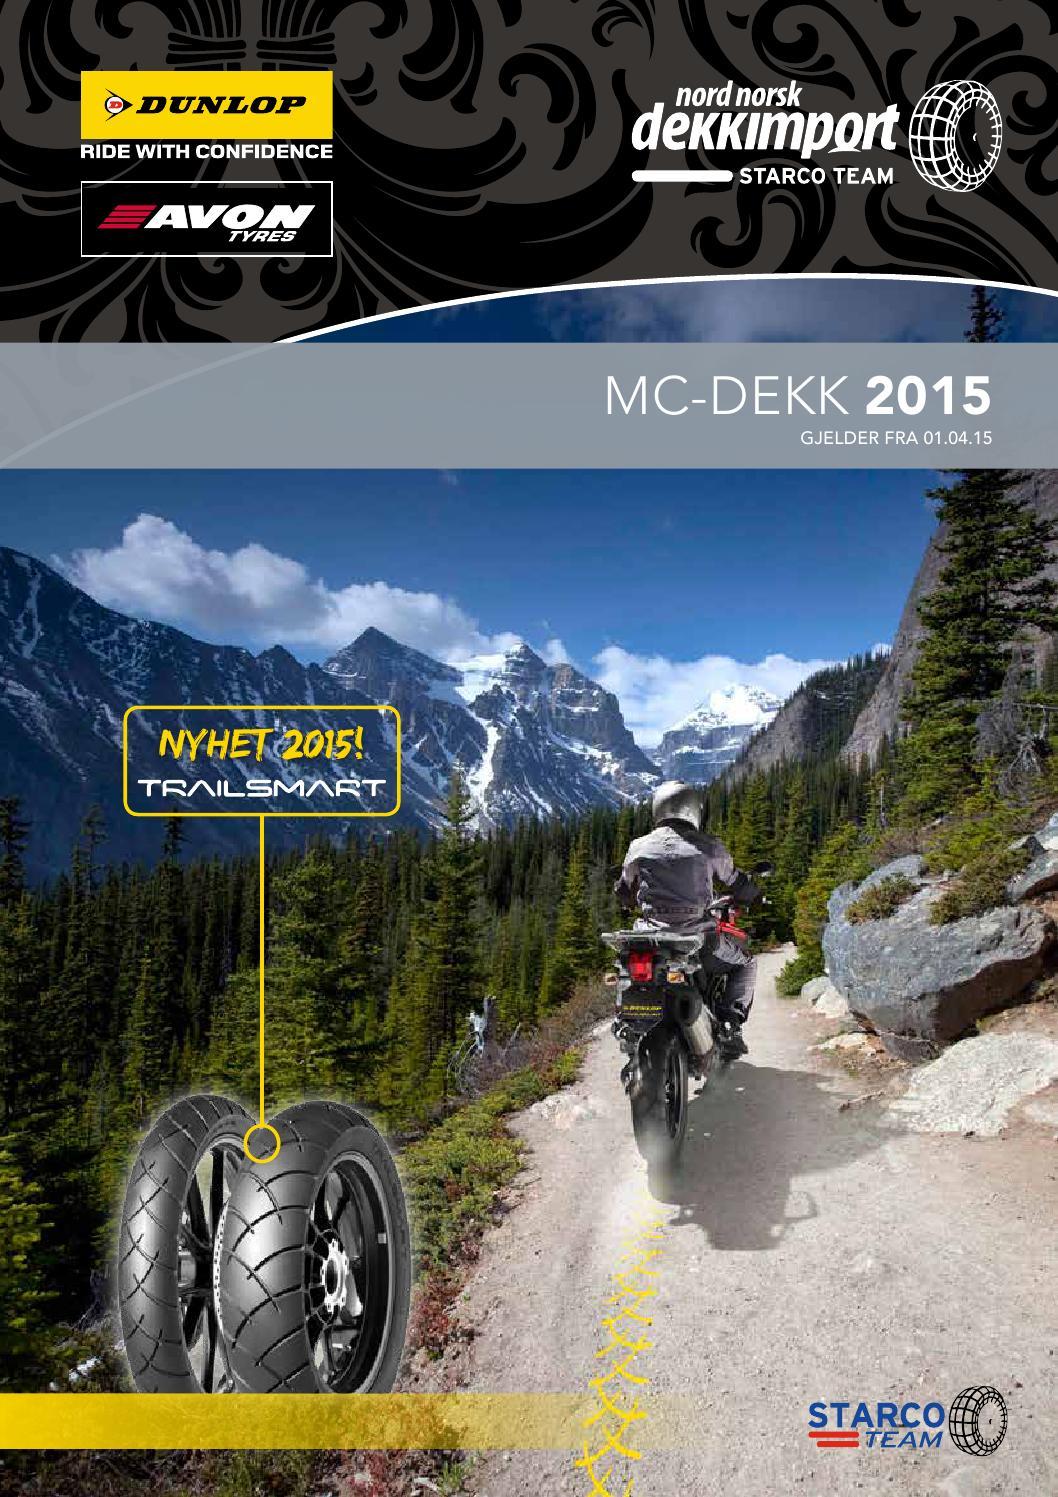 Rieju mrt 50 pro sm 163 2999 00 new motorcycle - Rieju Mrt 50 Pro Sm 163 2999 00 New Motorcycle Rieju Mrt 50 Pro Sm